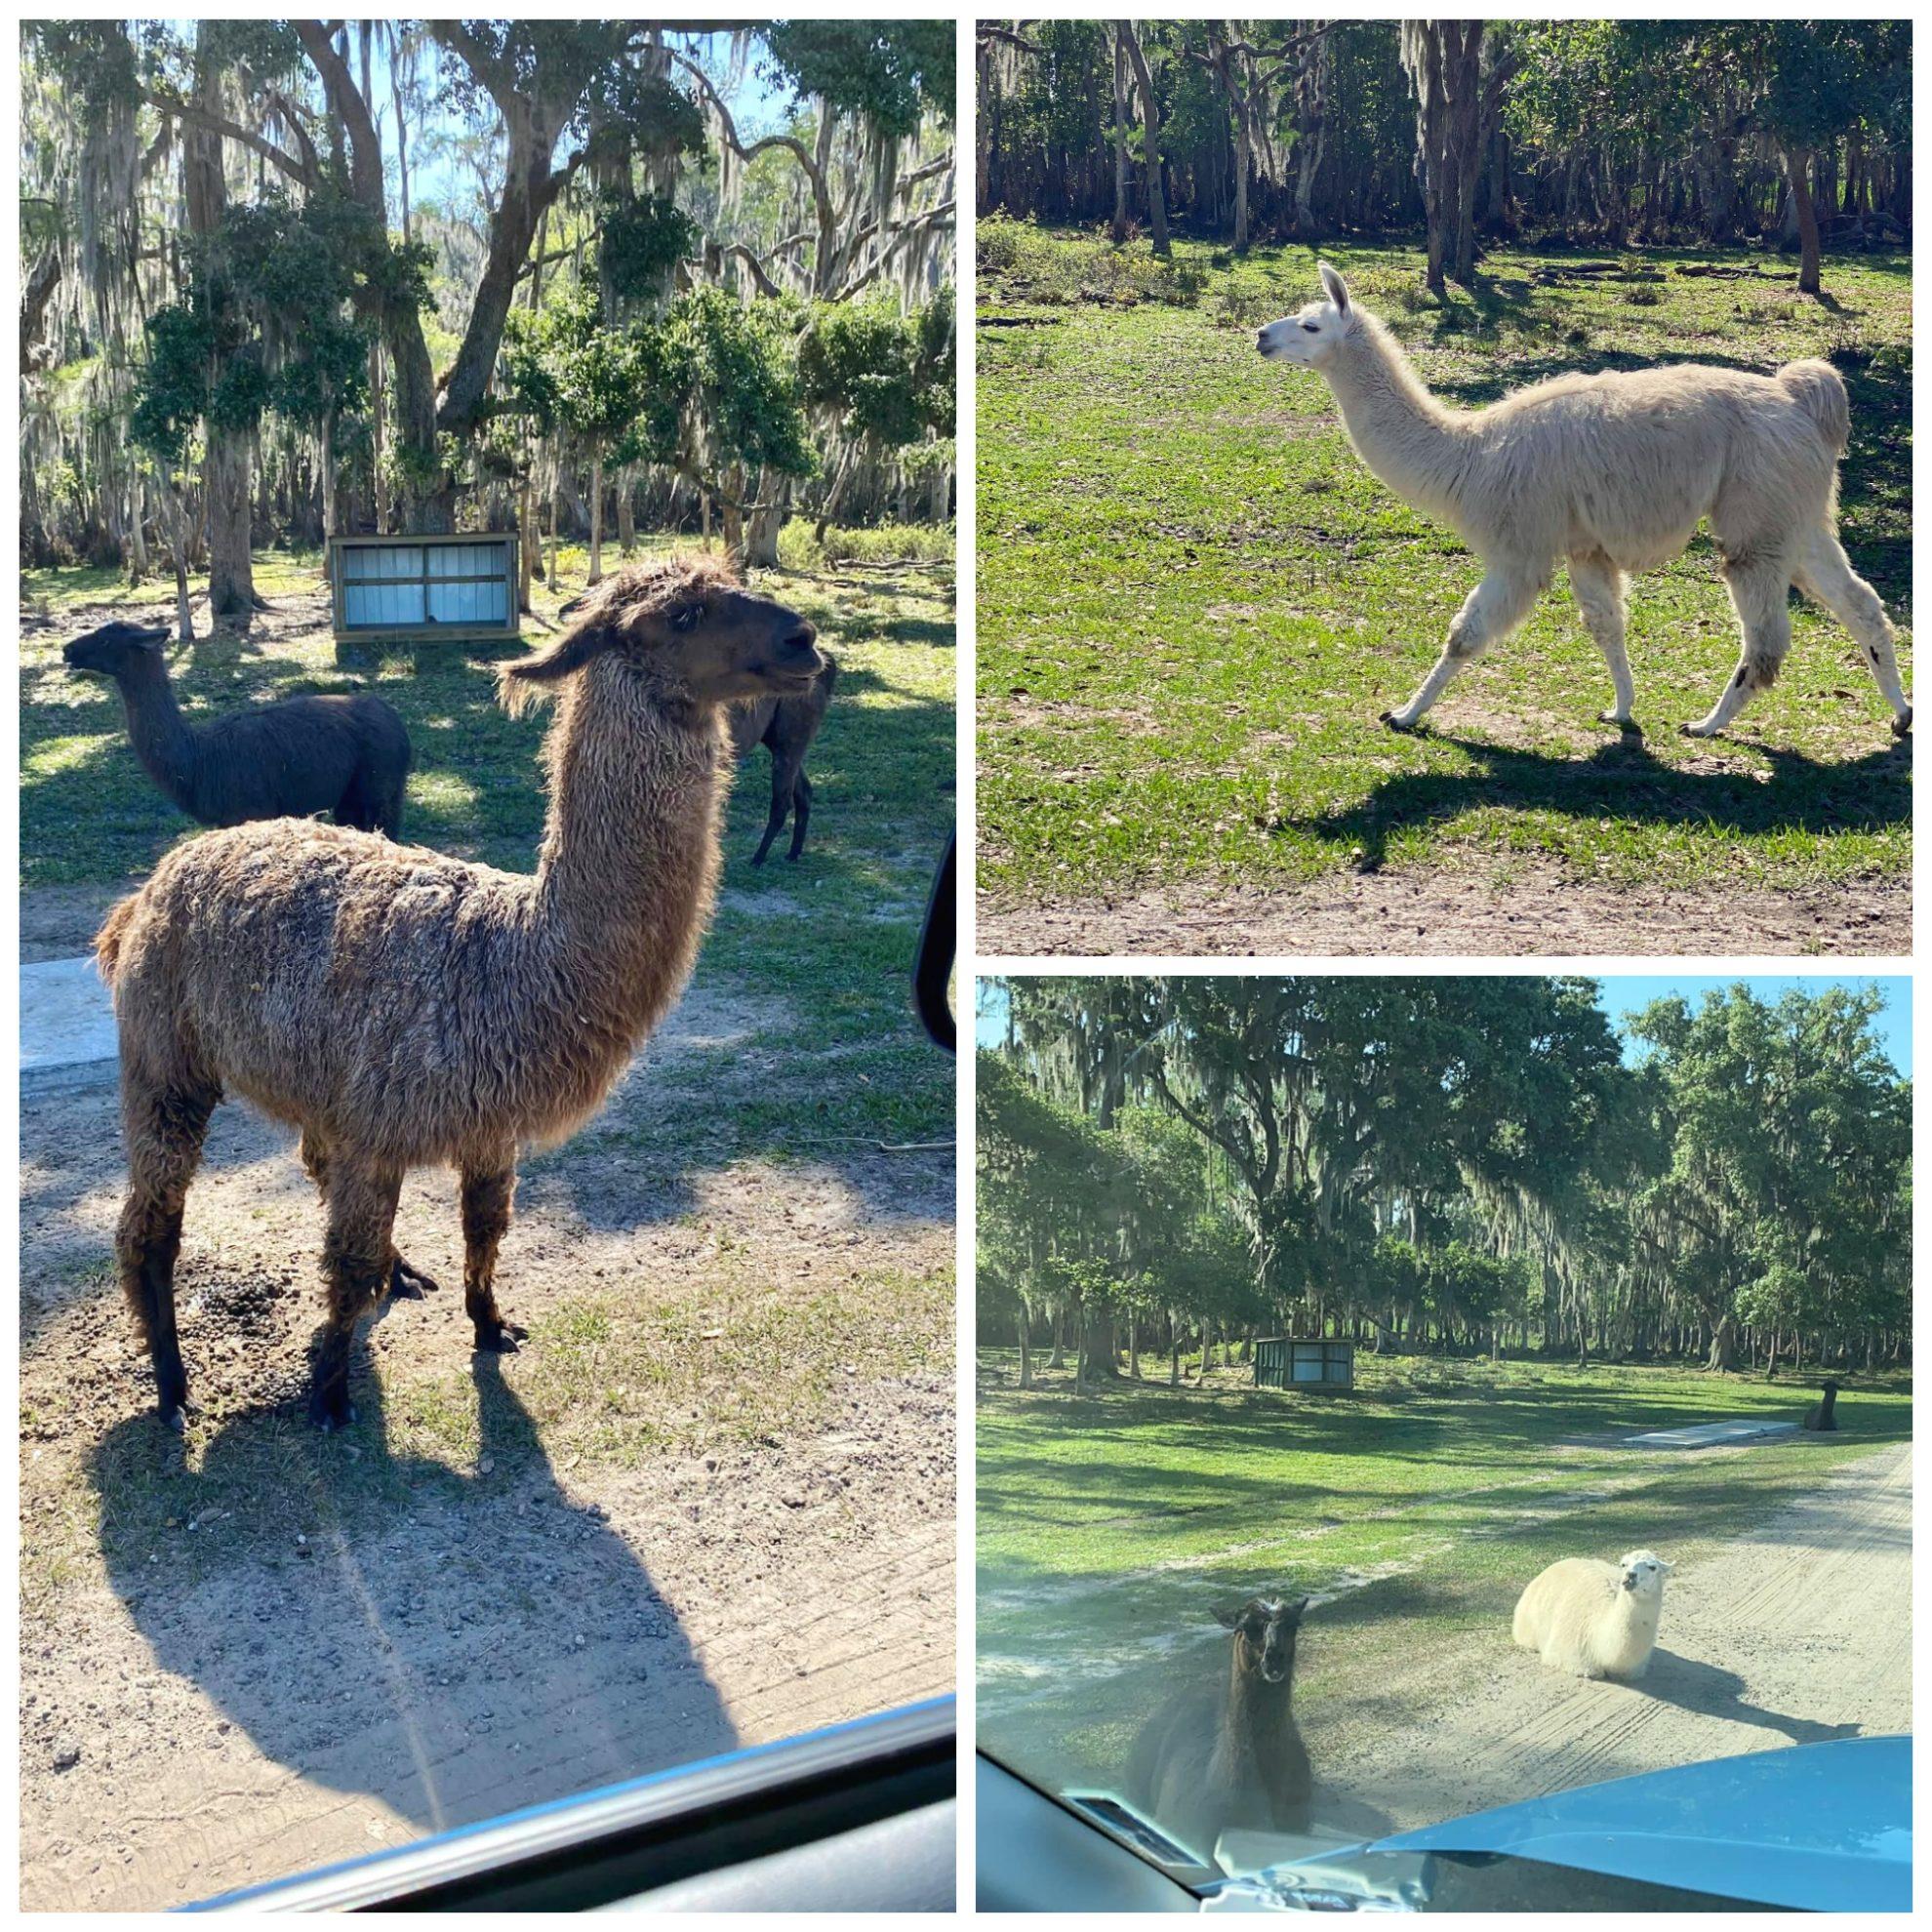 llamas roam free at Wild Florida Drive-Thru Safari Park